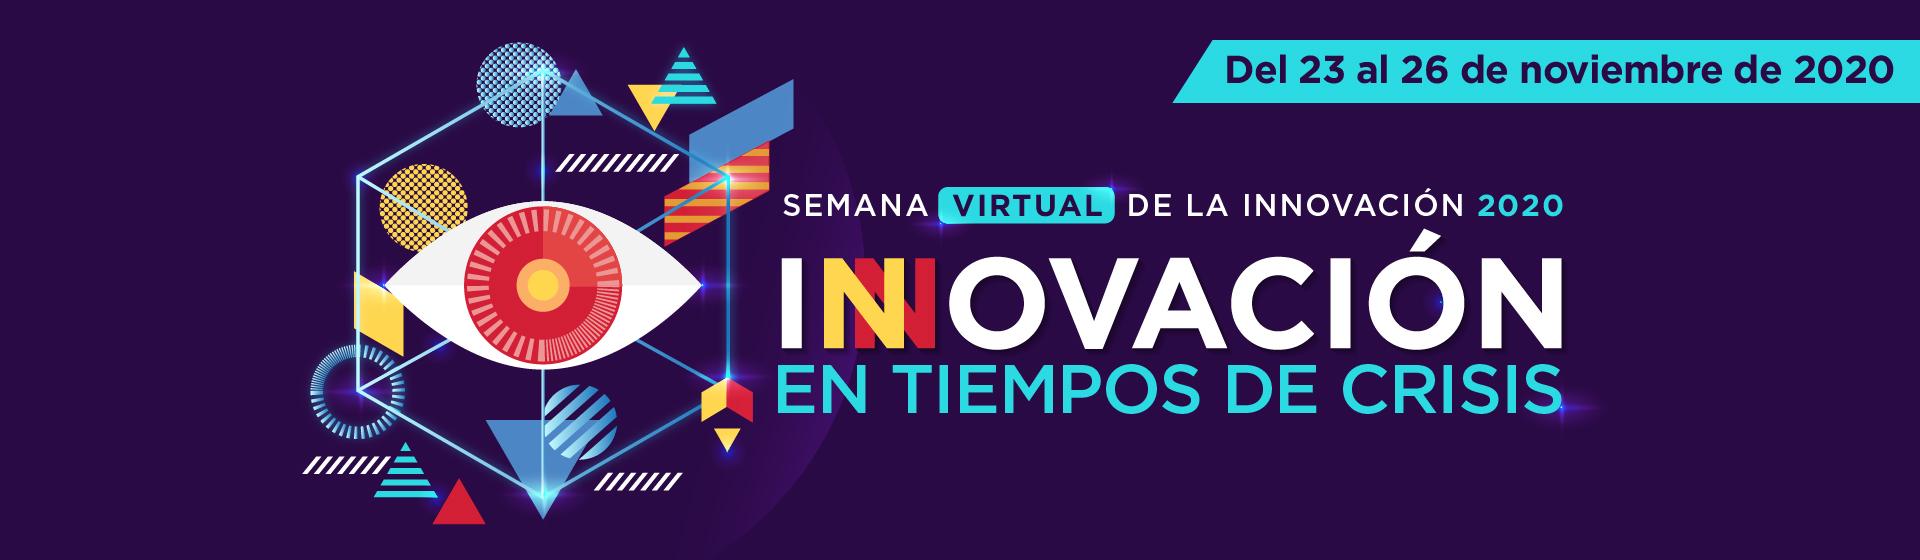 Semana Virtual de la Innovación de la Universidad de los Andes